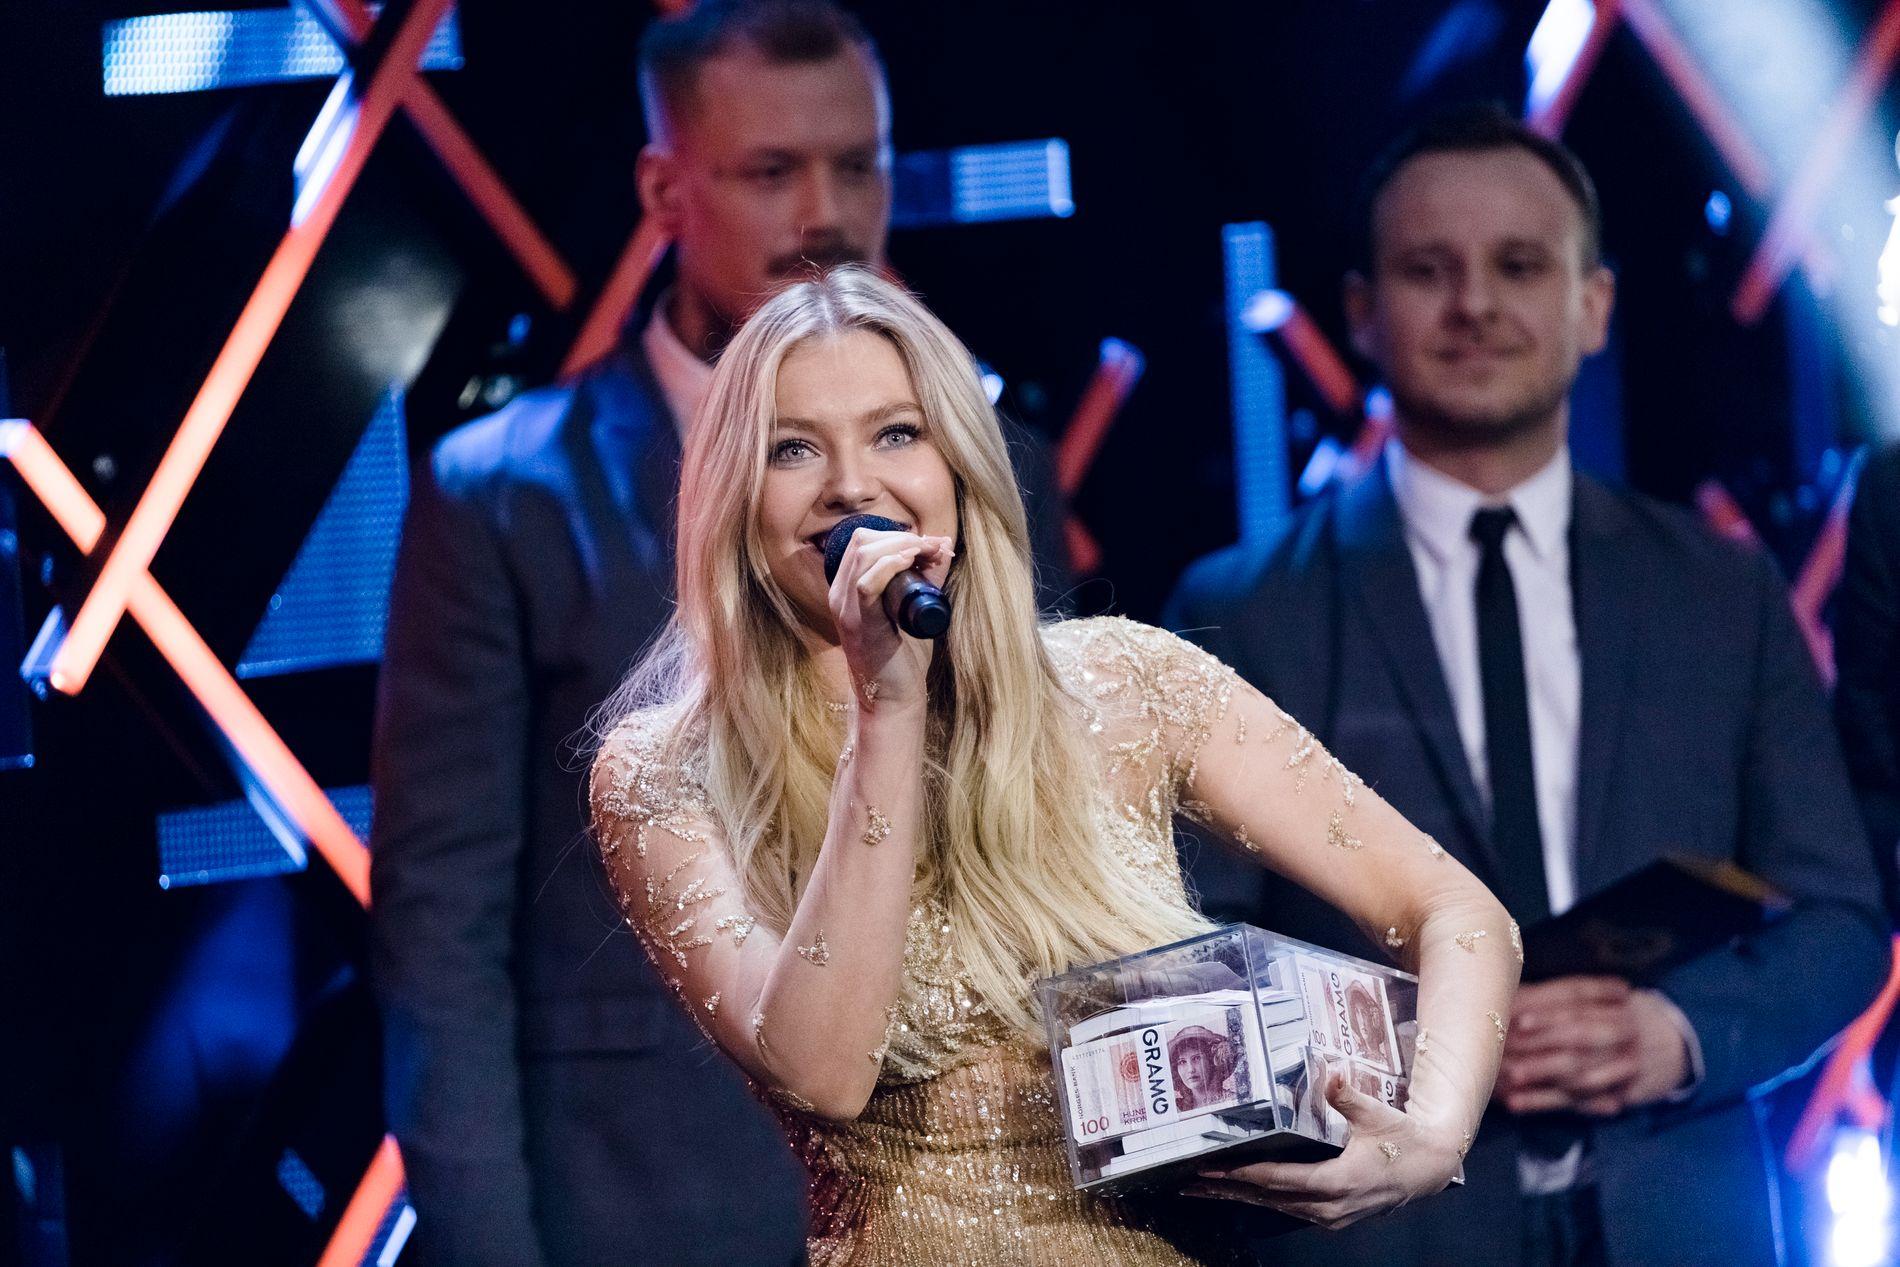 VANT: Astrid Smeplass ble årets nykommer og fikk Gramo-stipend på 250 000 kroner under årets Spellemann.